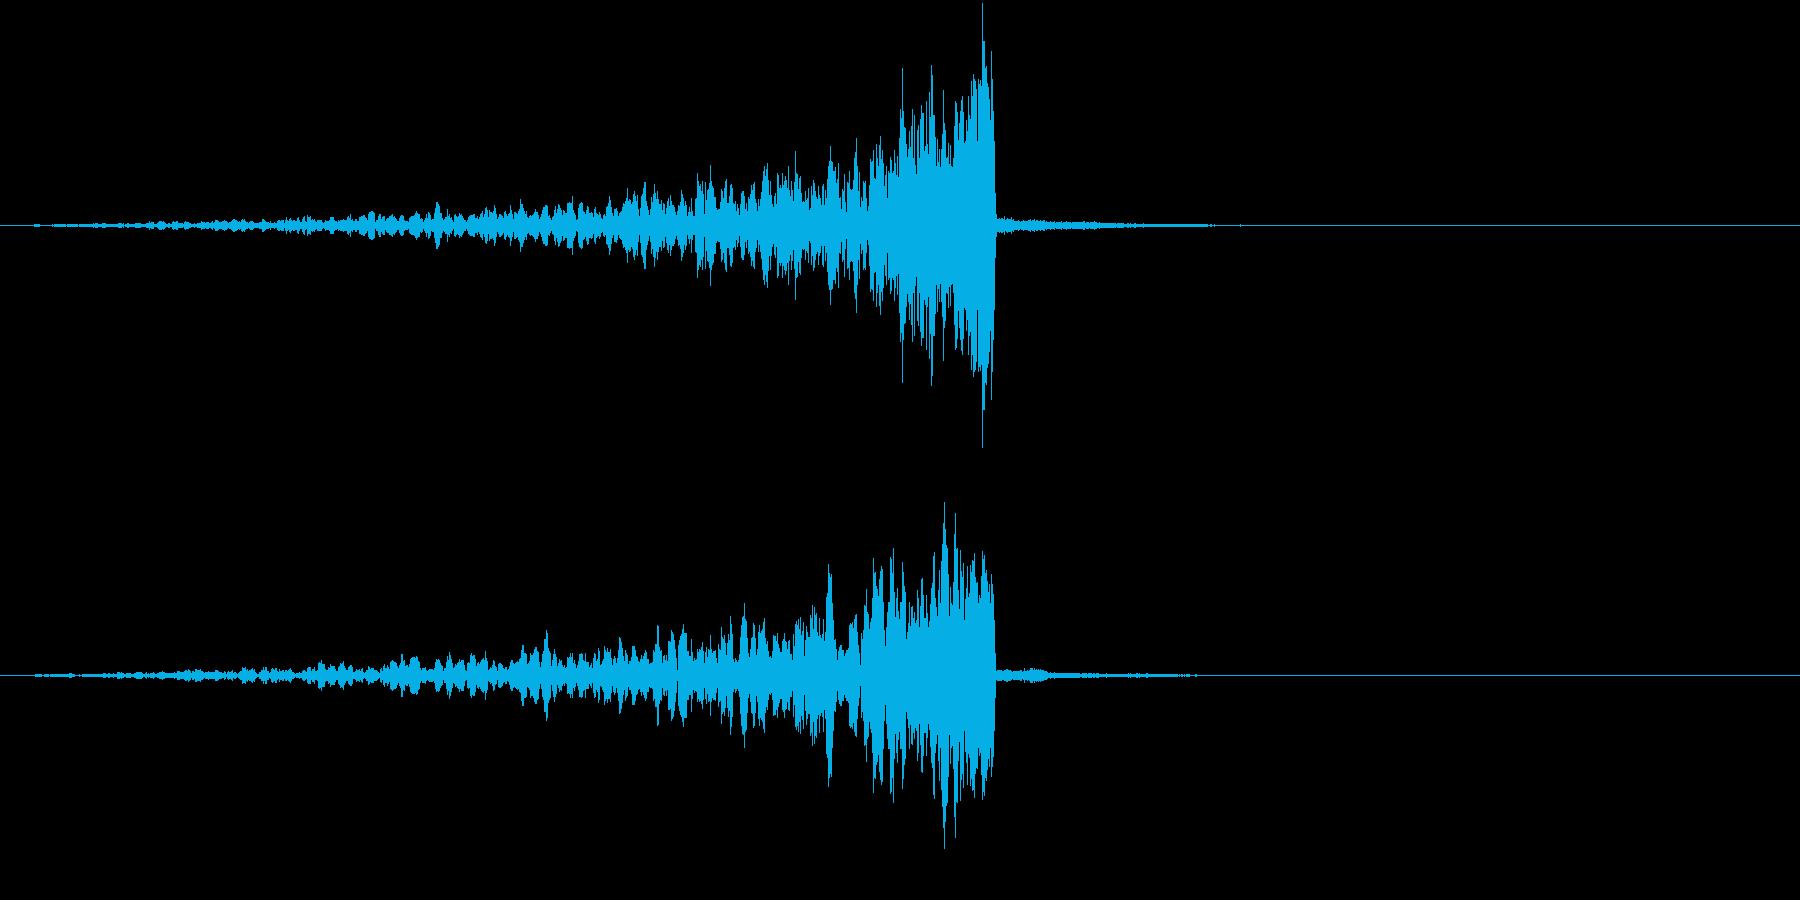 シグナルが発信されていくイメージの再生済みの波形